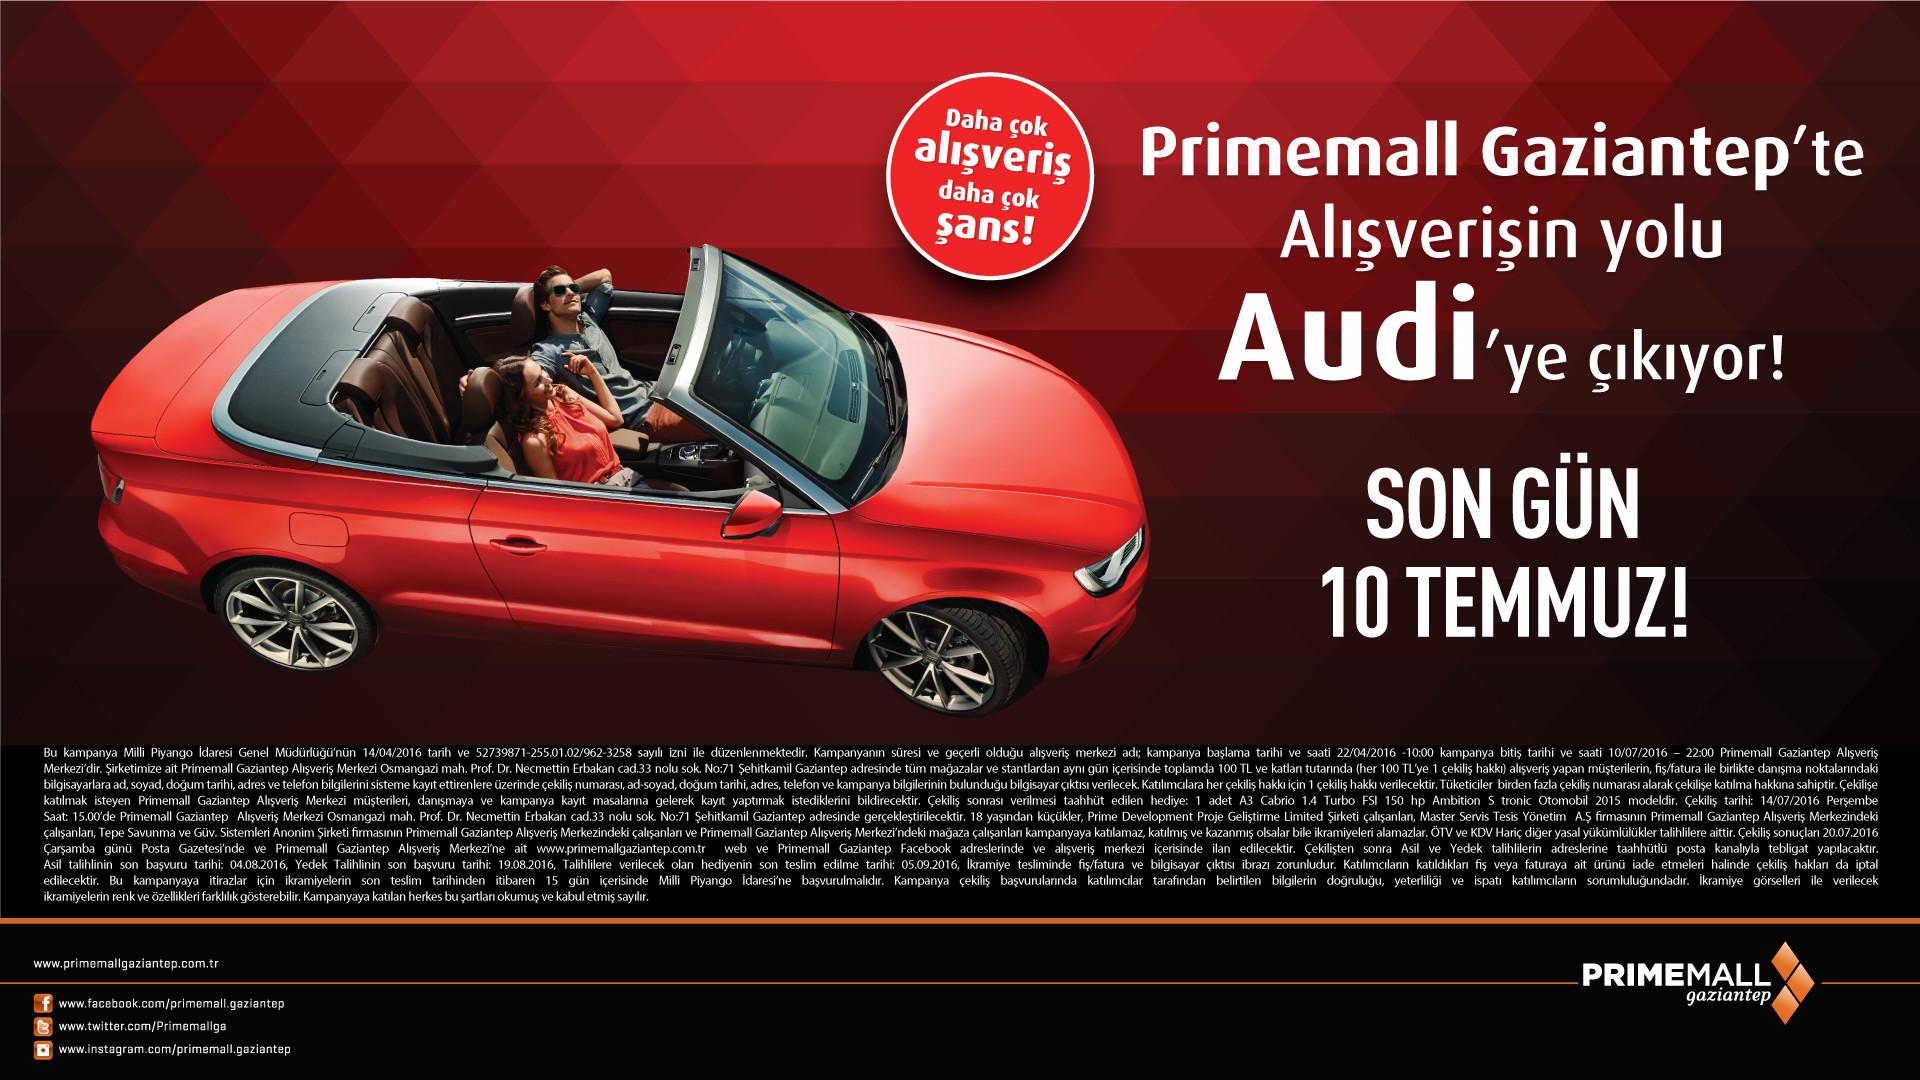 Primemall Gaziantep'te Alışverişin Yolu Audi'ye Çıkıyor!